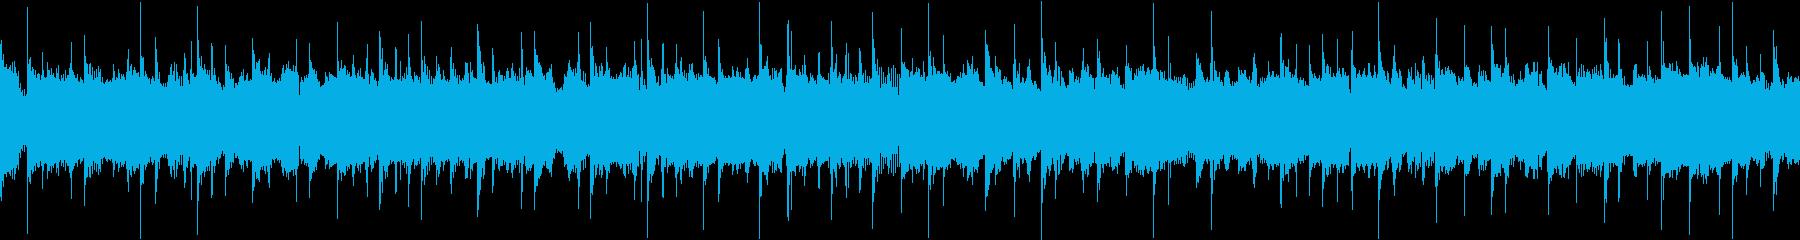 勢い・重厚・ヘビーな刻みのメタルBGMの再生済みの波形